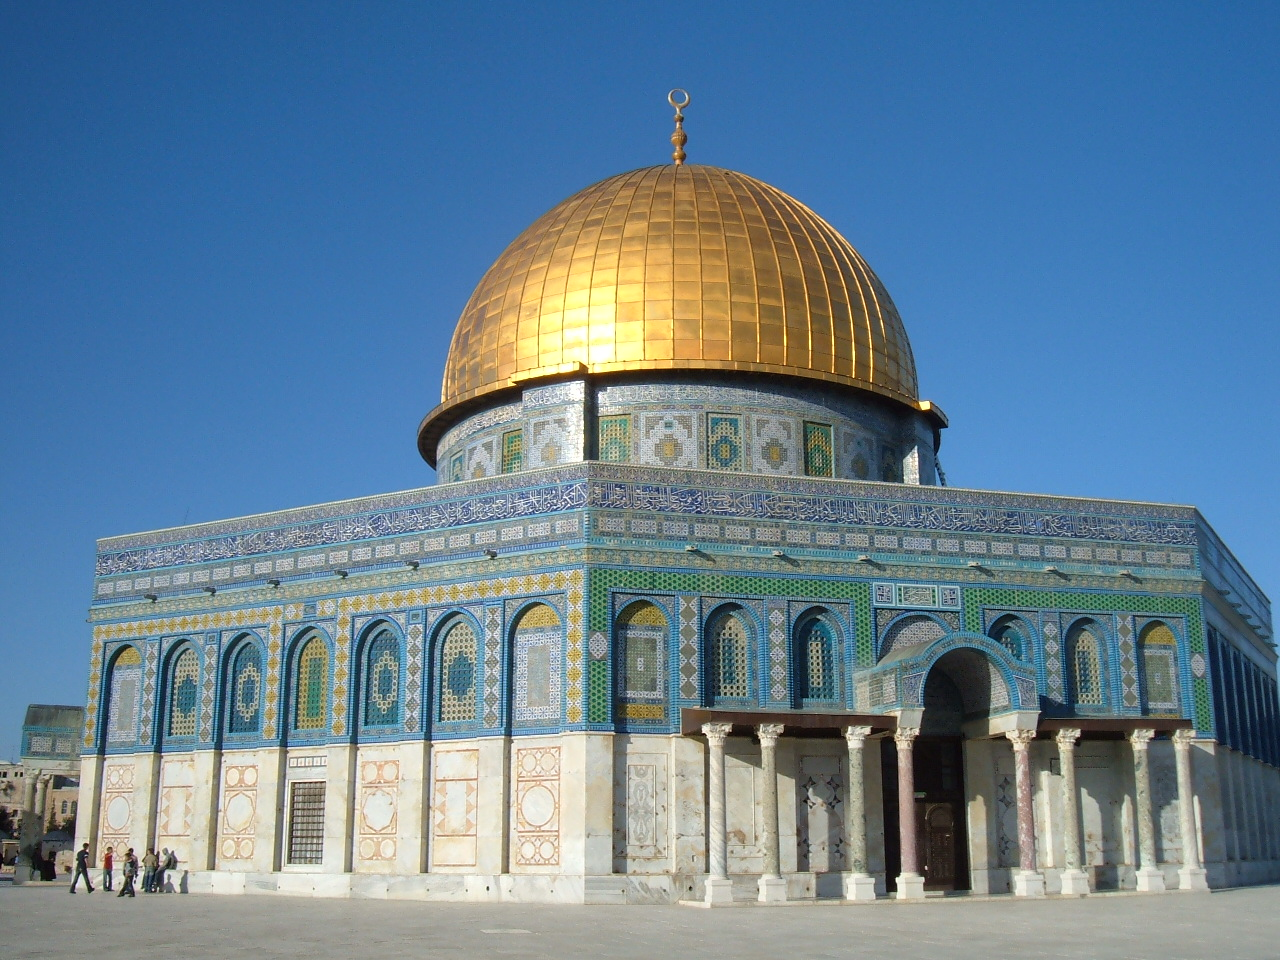 بالصور صور المسجد الاقصى , قمة في الجمال والروعة 2947 3